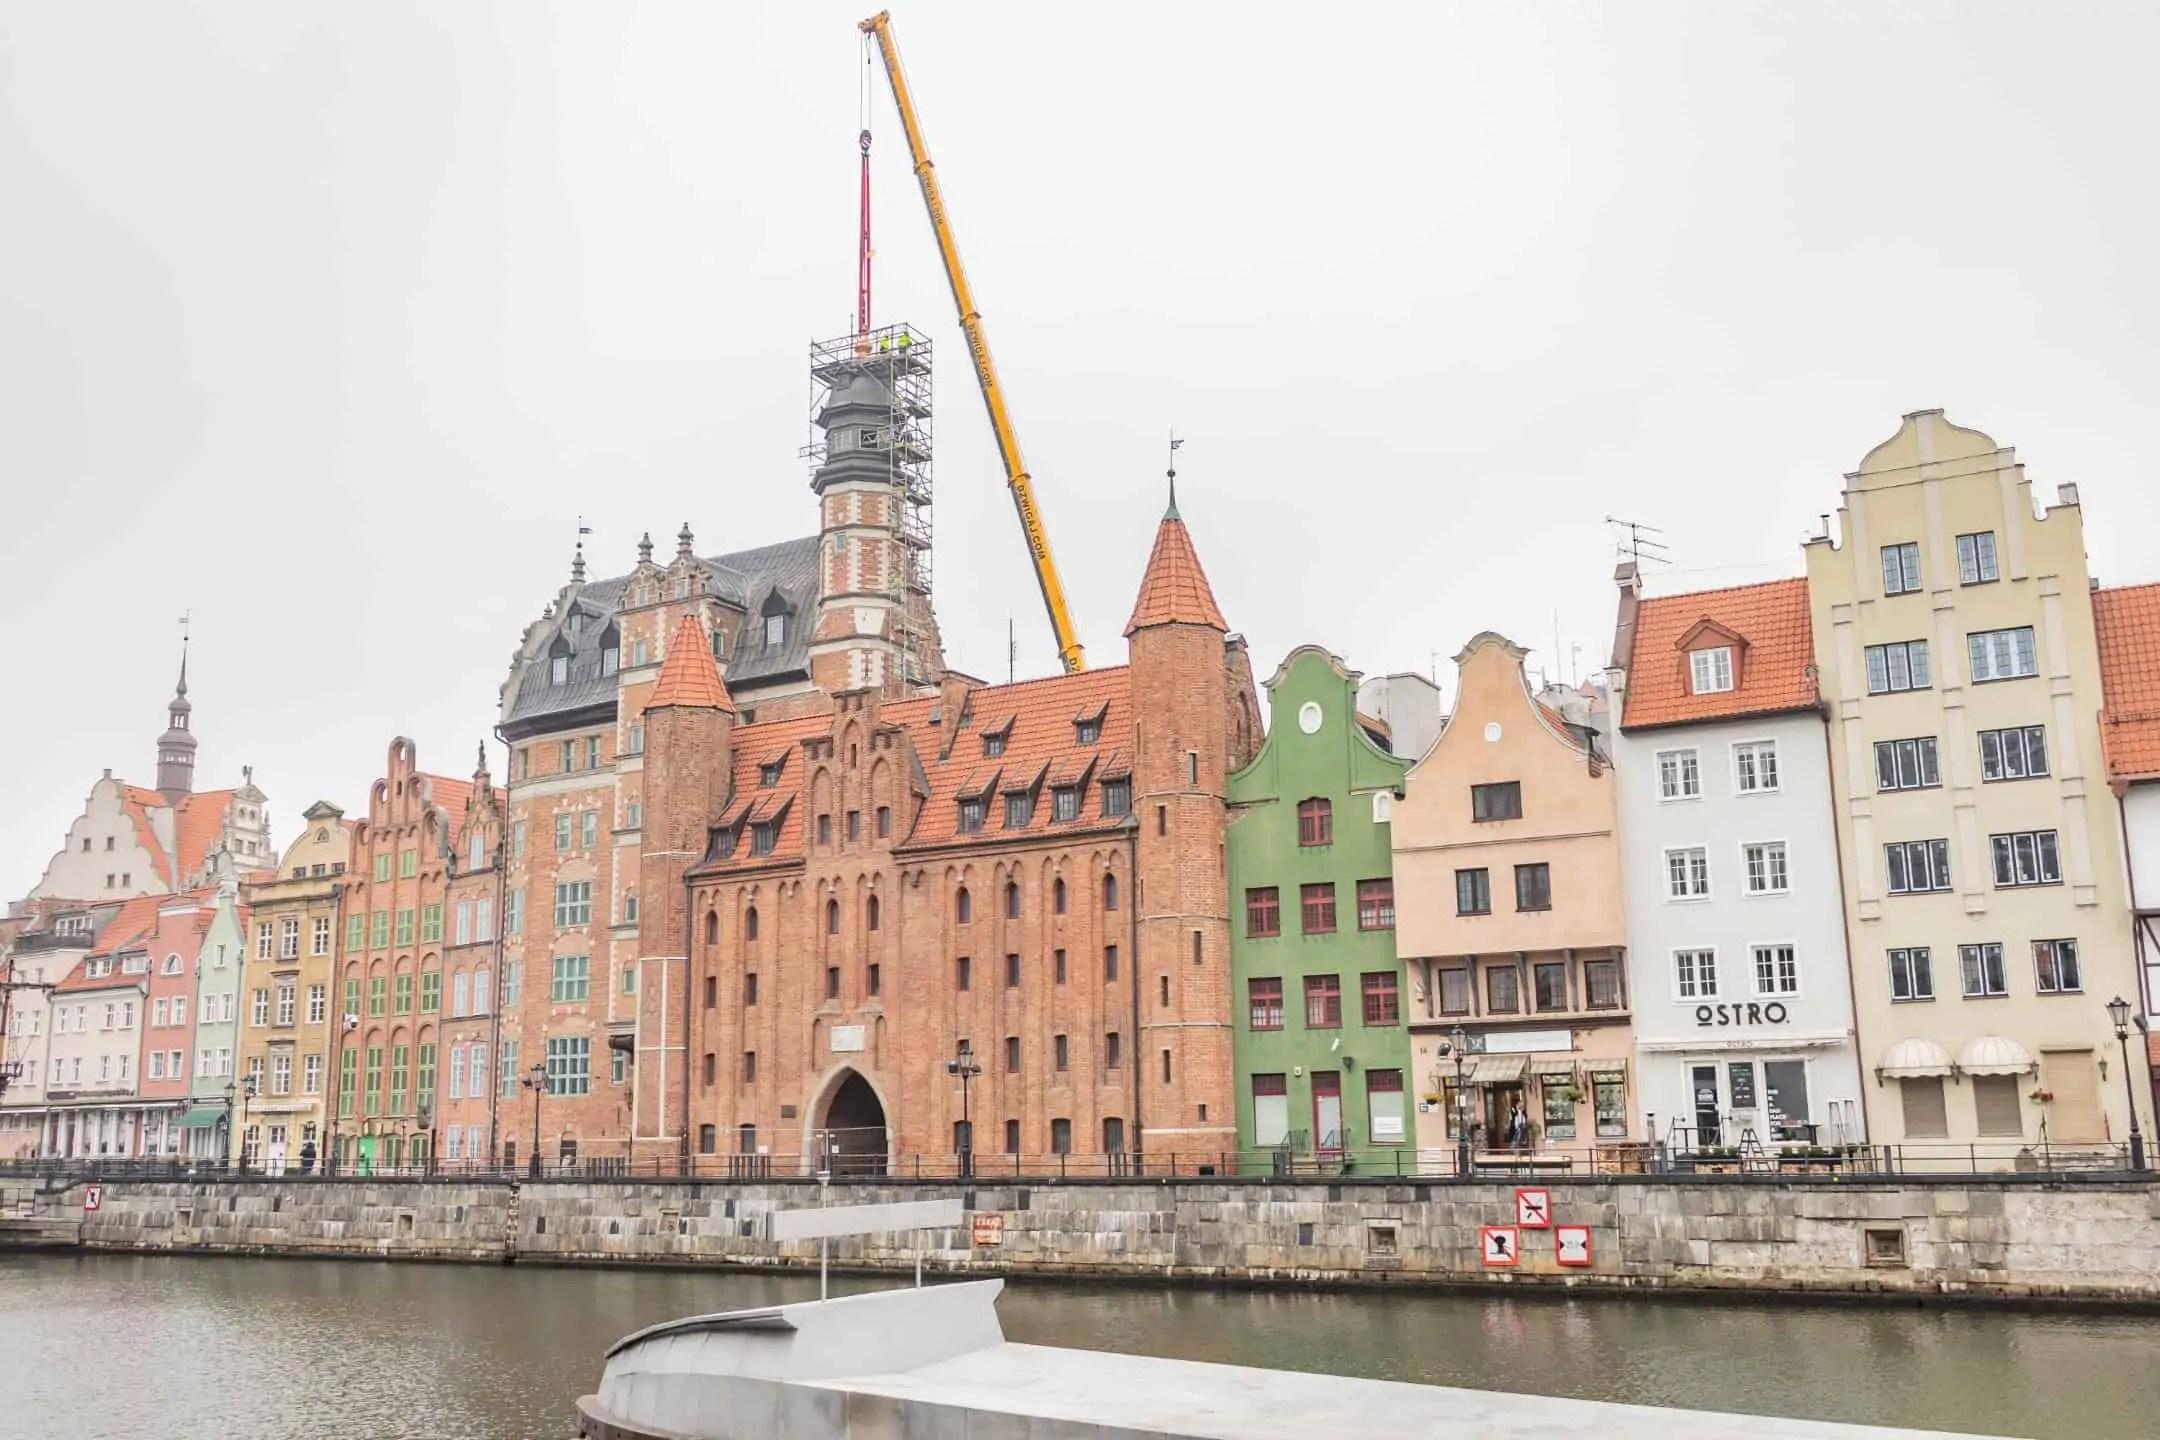 Motlawa pobrzeze - Zdjęcia starego Gdańska. Kompozycja w 5 prostych krokach !